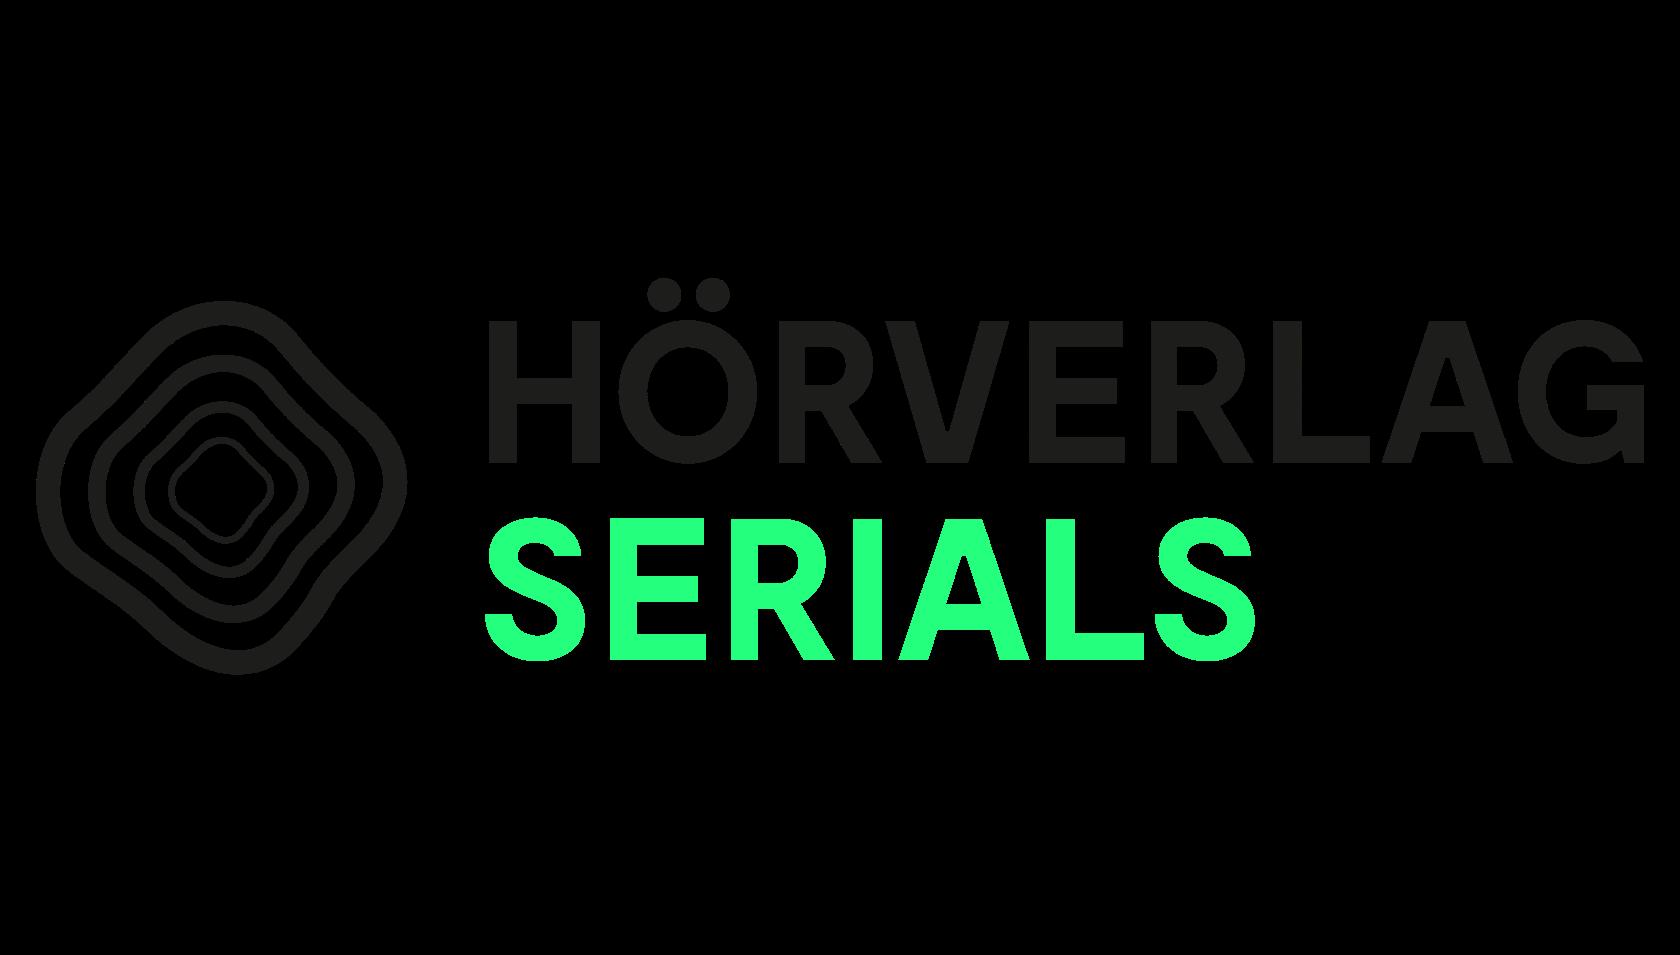 hoerverlag-serials